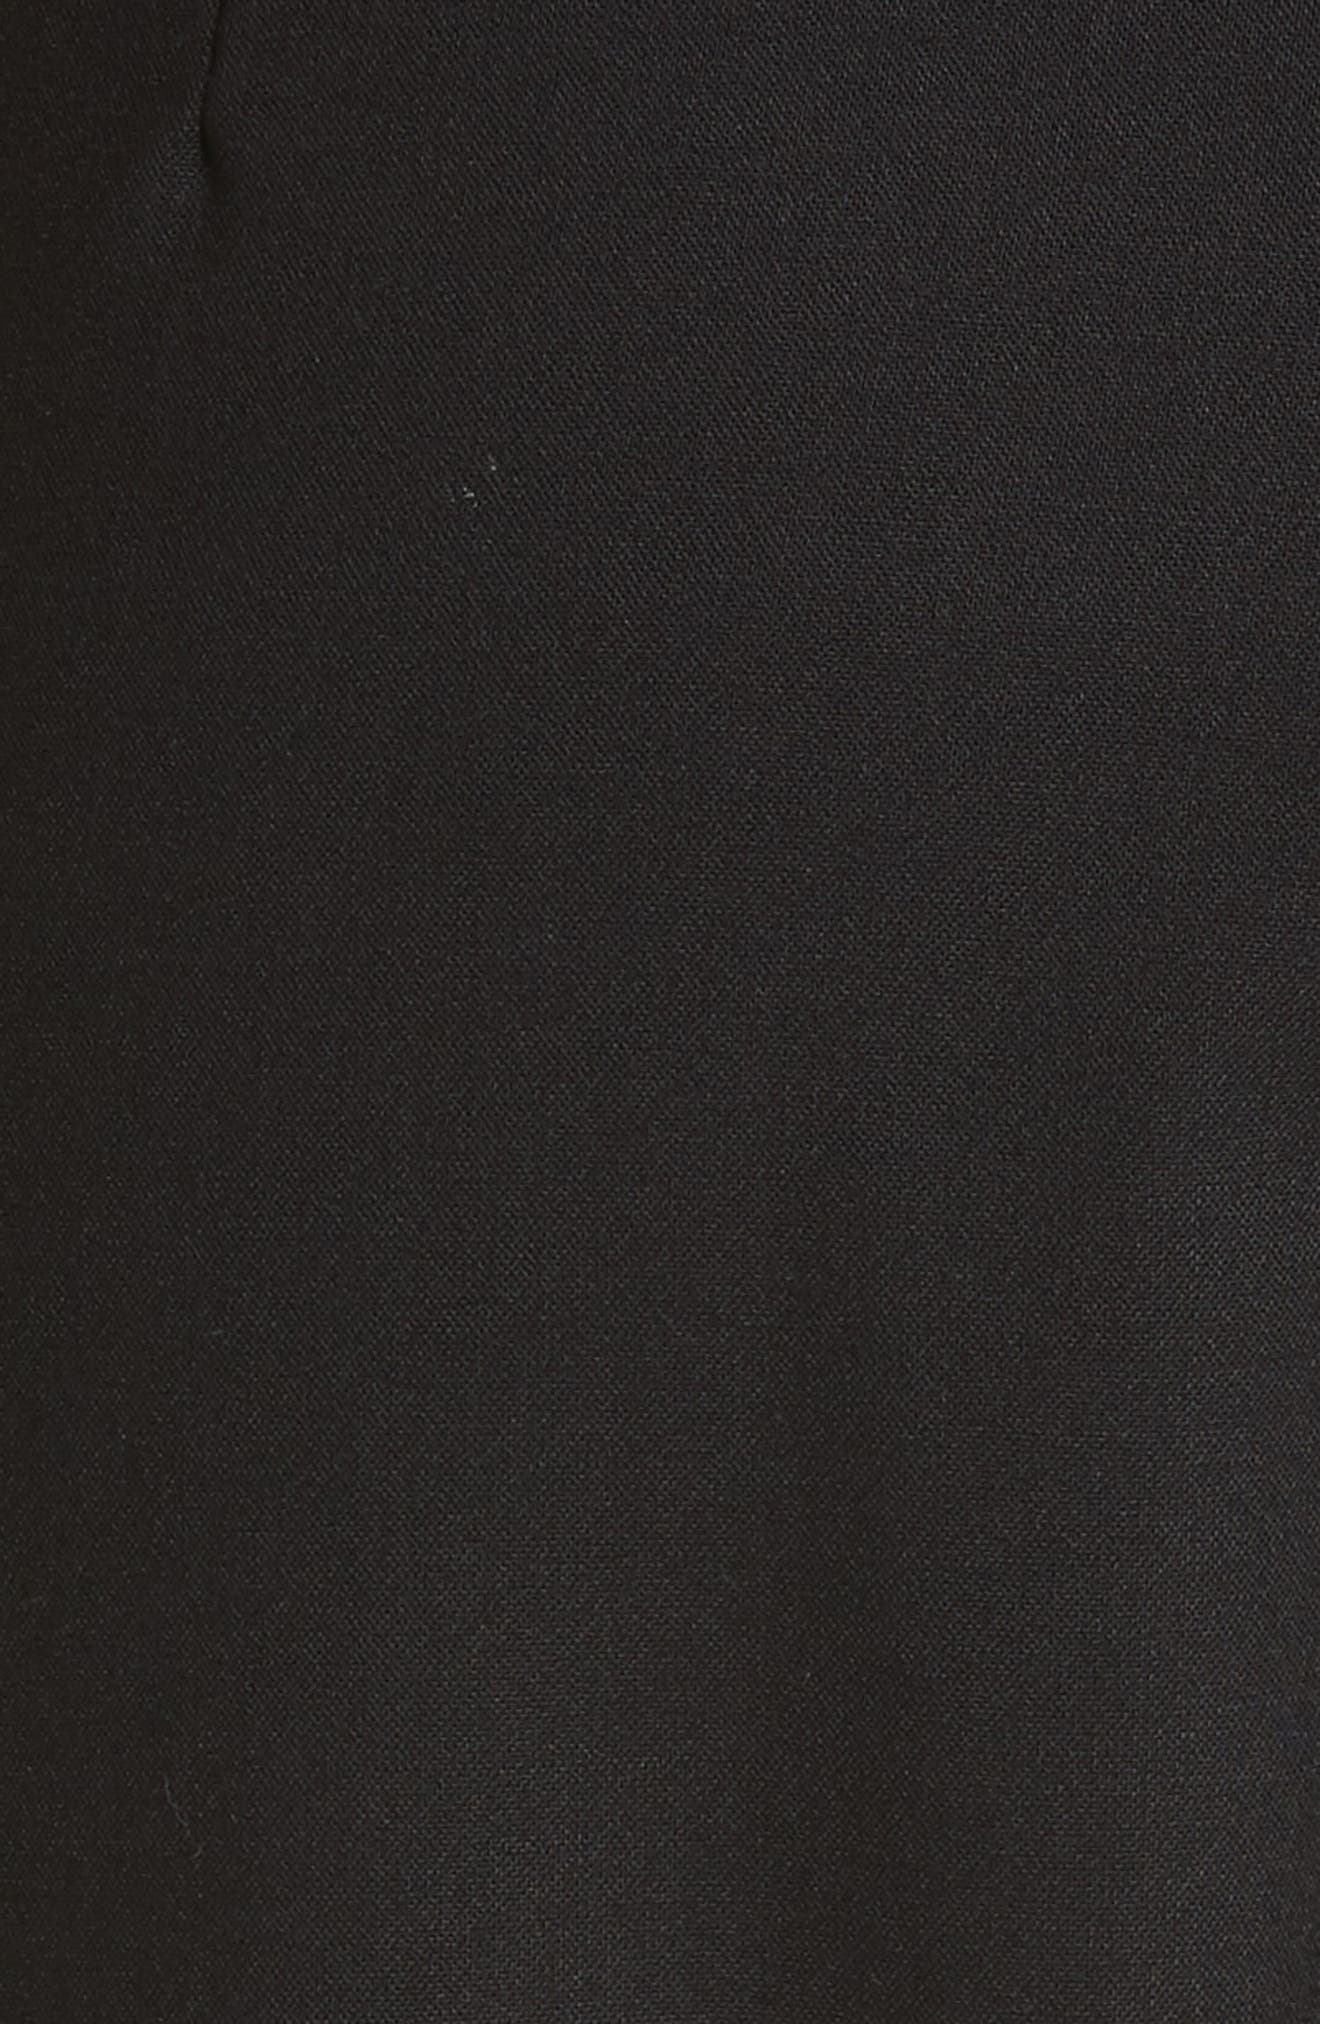 Velvet Stripe Stretch Wool Pants,                             Alternate thumbnail 5, color,                             001